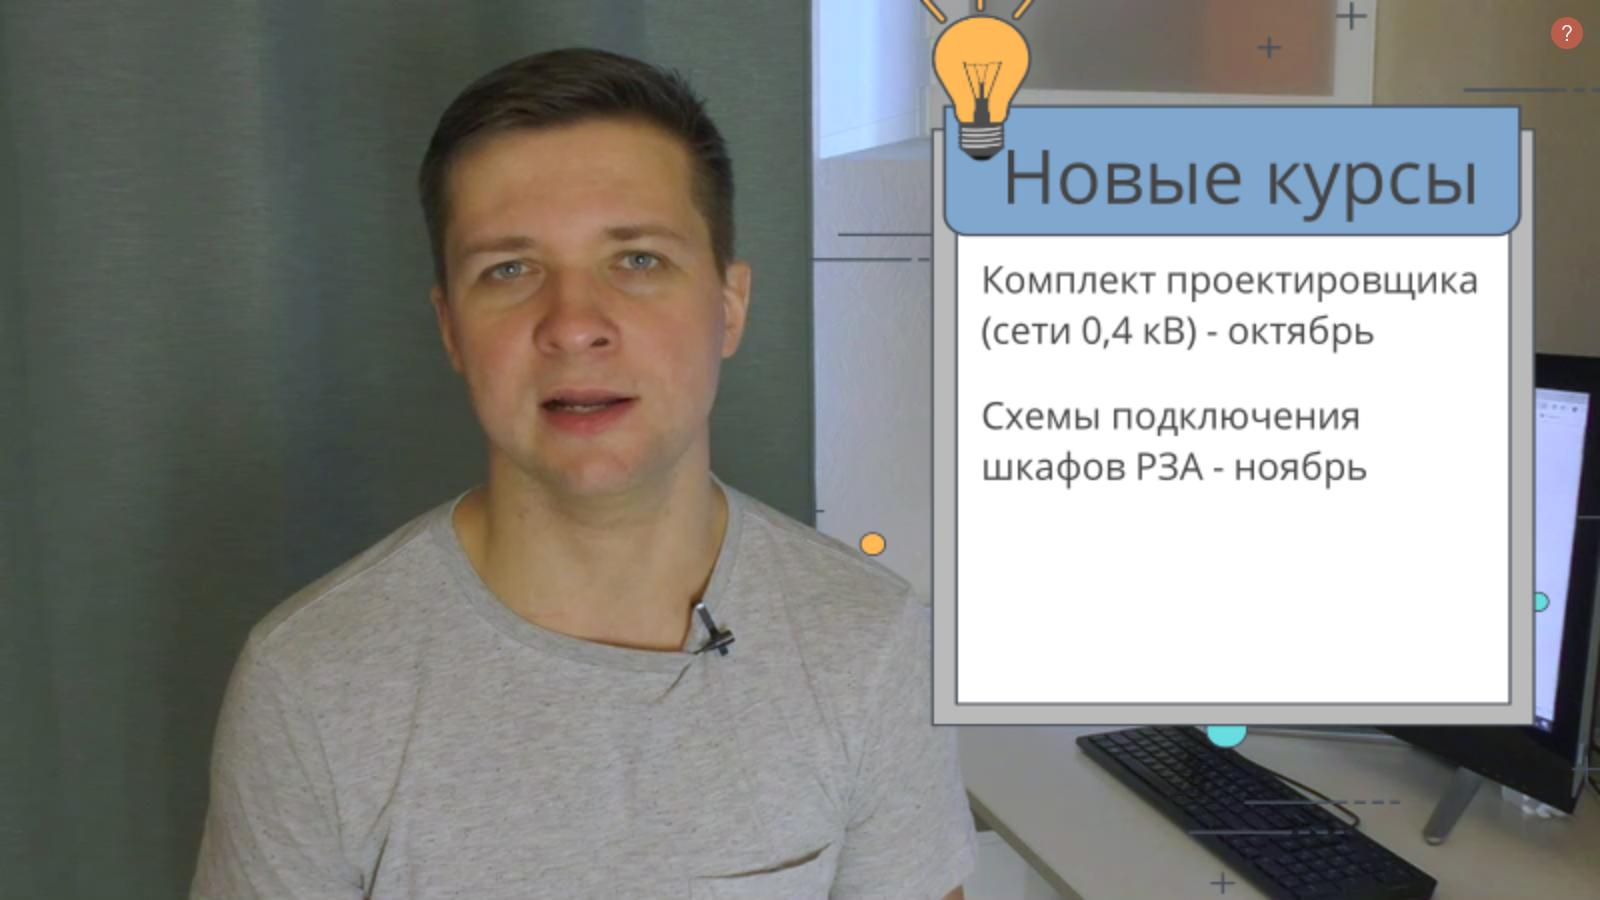 Курсы Дмитрия Василевского